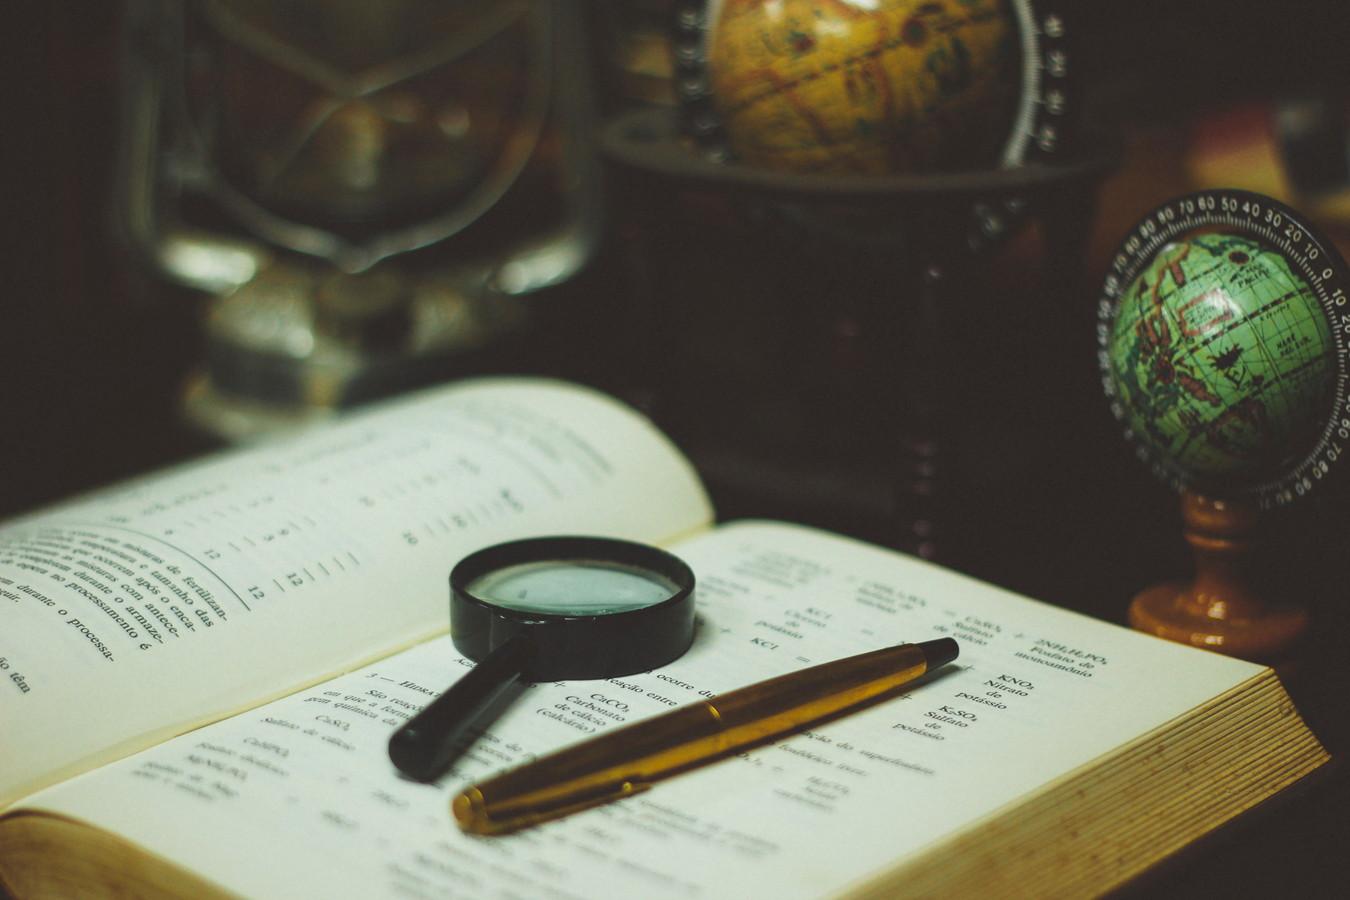 【書評】考える知識を豊かにする。1日1ページ読むだけで身につく世界の教養365